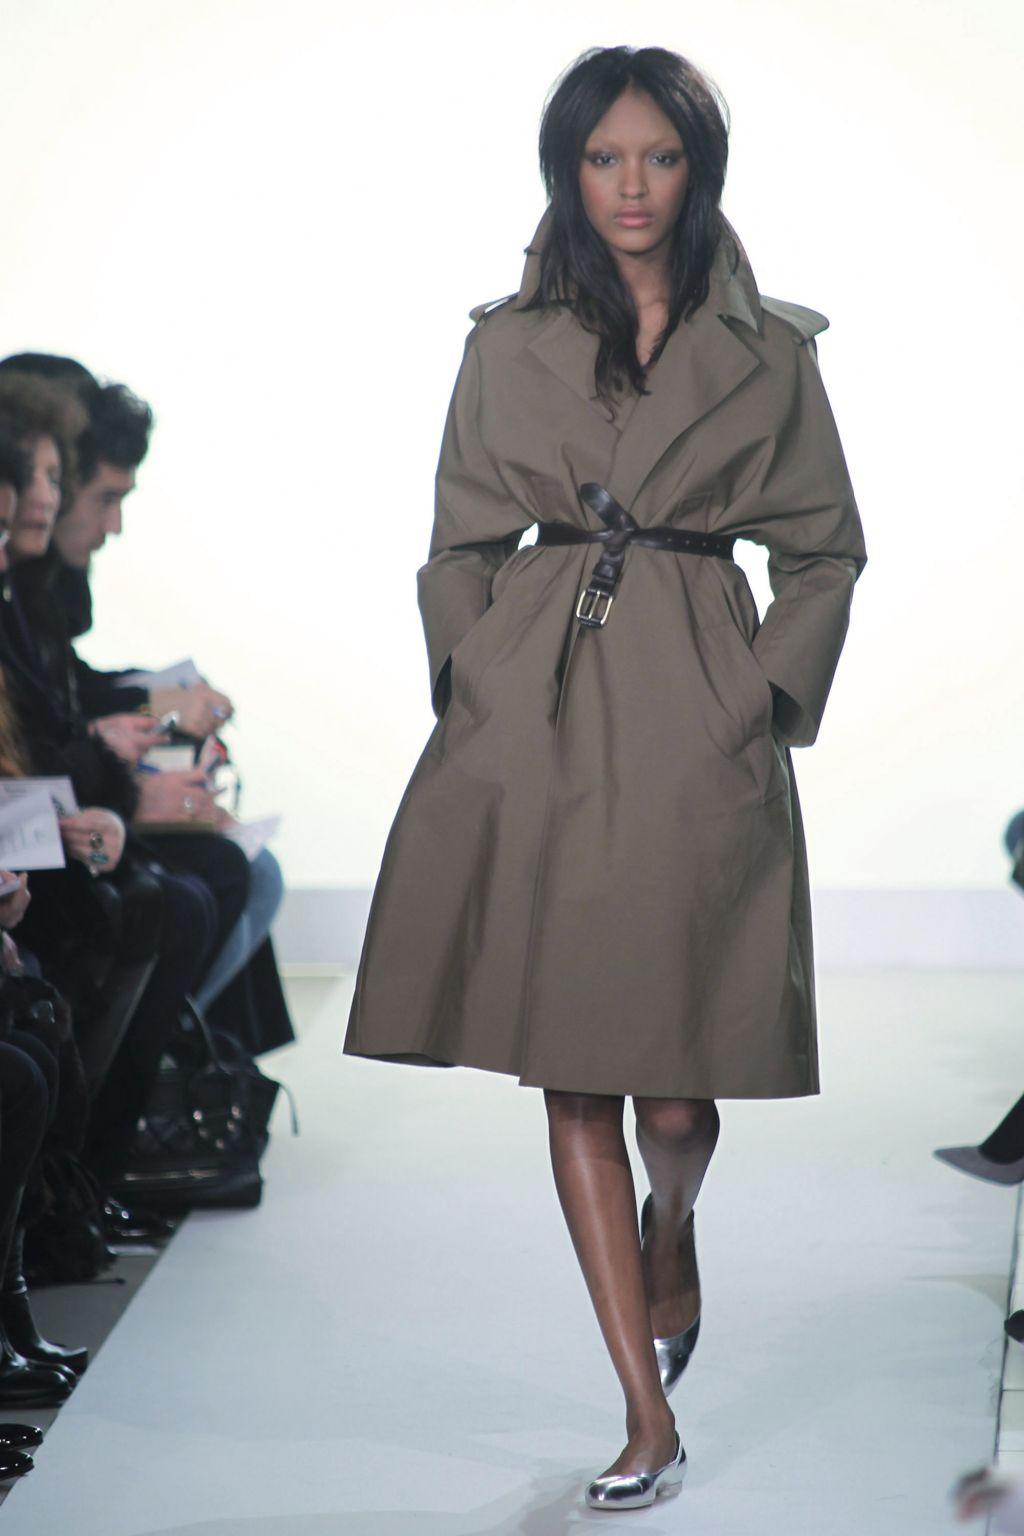 Aquascutum: London Fashion Week a/w 2010 - Runway